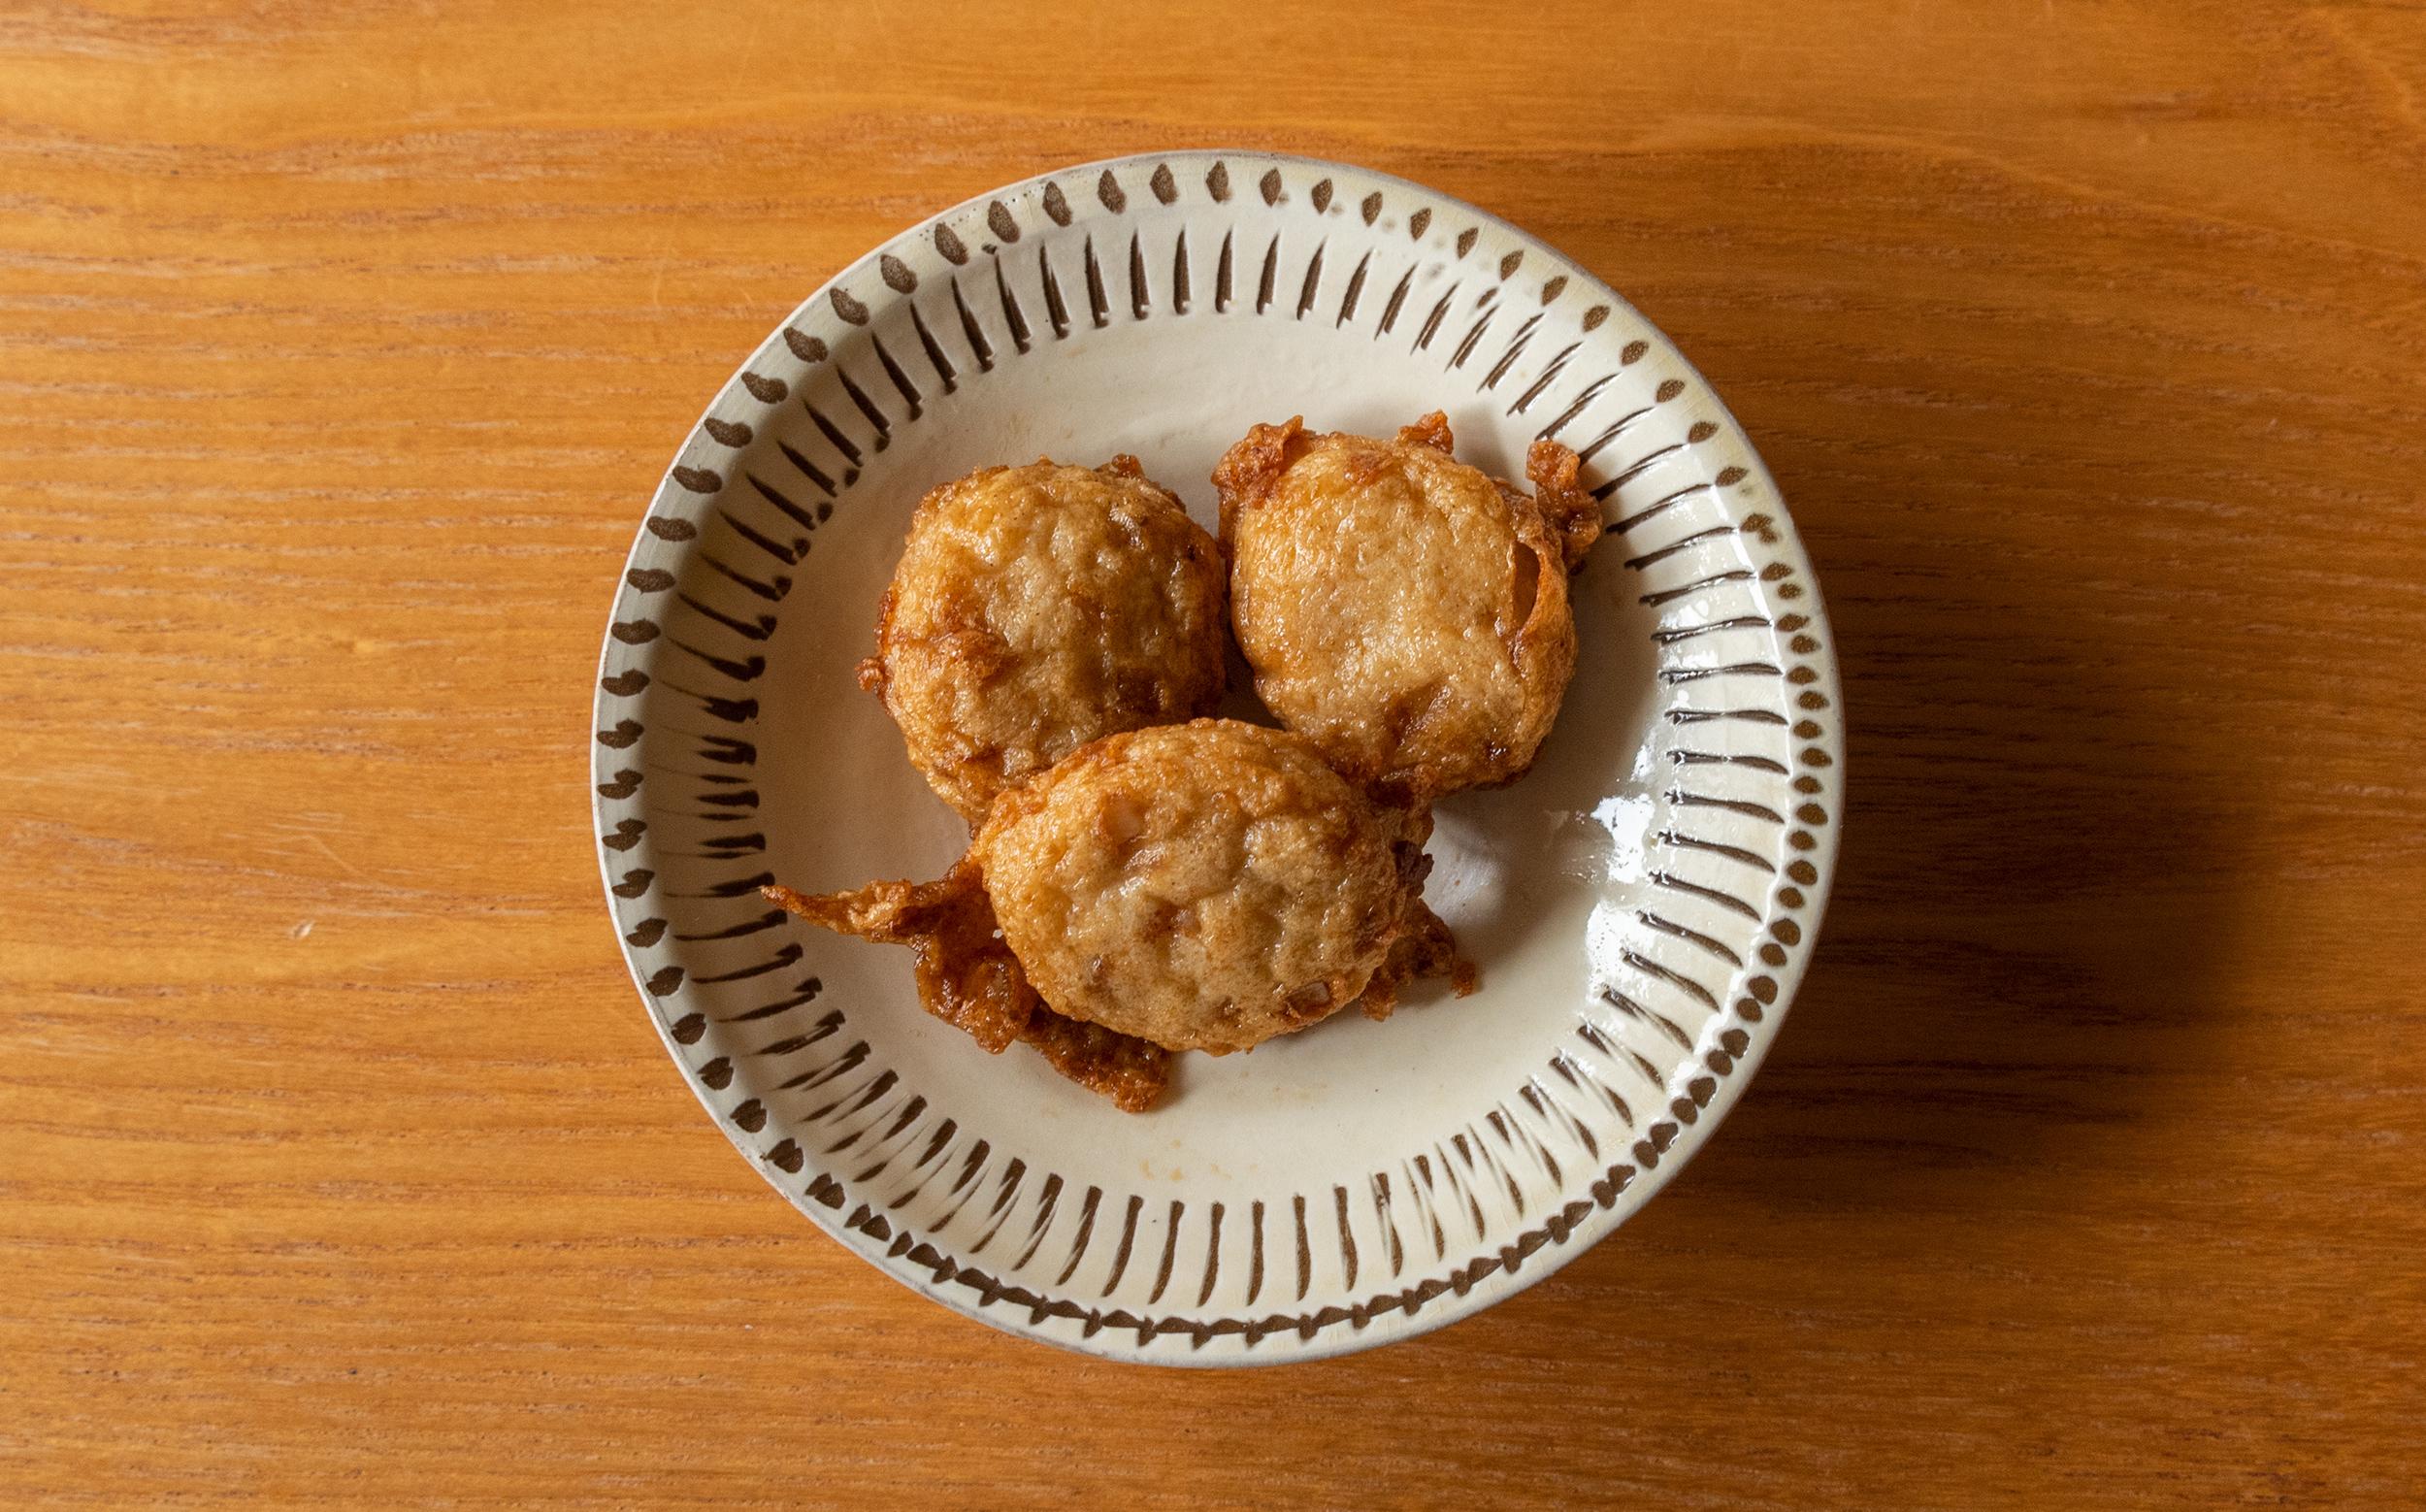 柳屋蒲鉾店(目黒区目黒本町)のおでん種:肉ボール